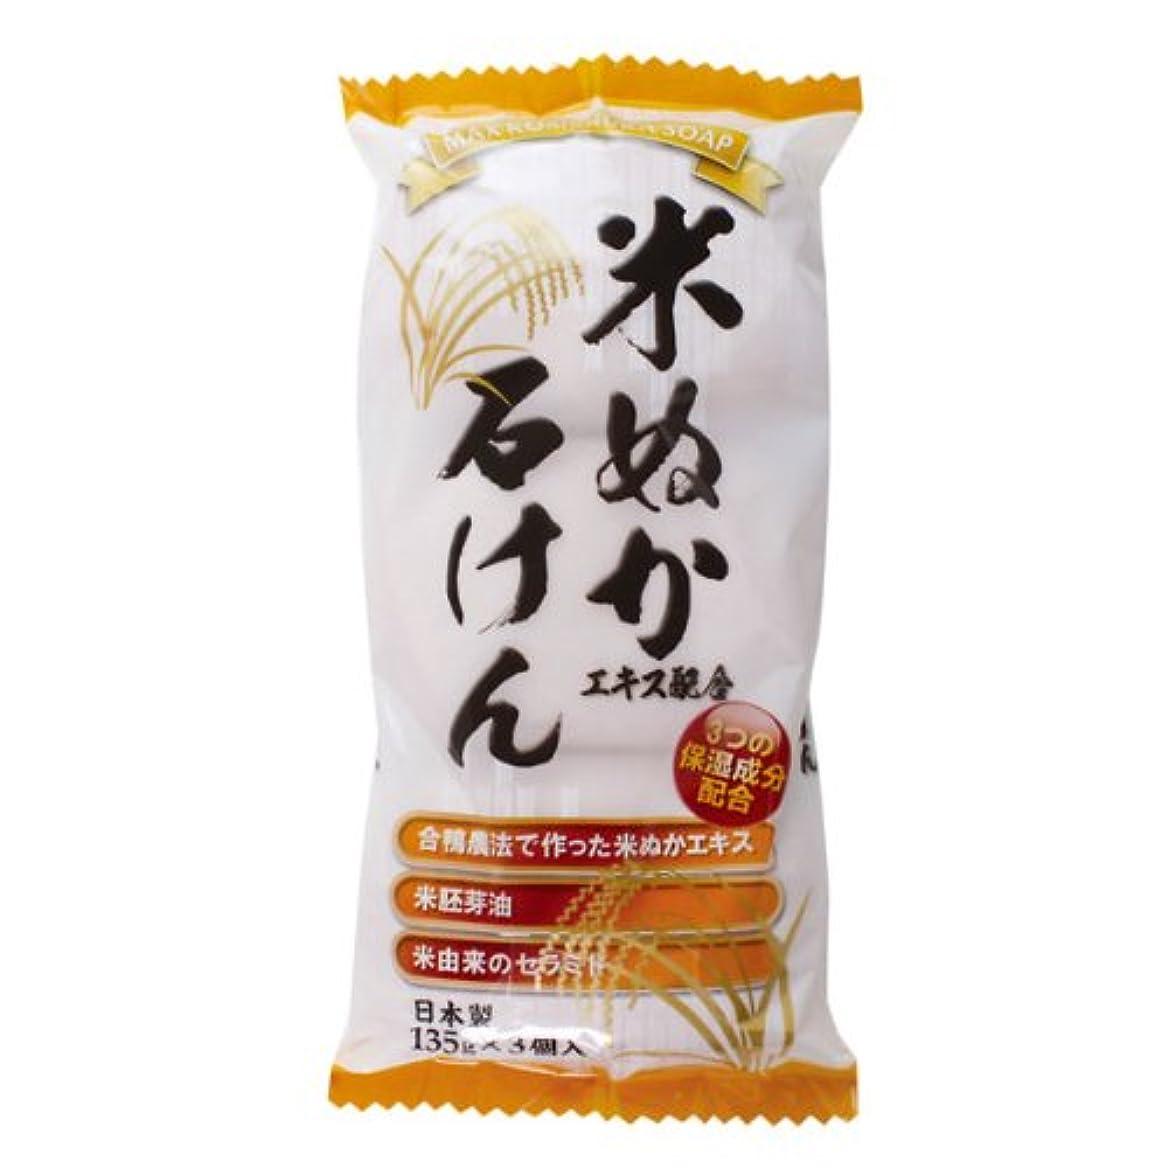 関係ないラブ処理する米ぬかエキス配合石けん 3個入 135g×3個